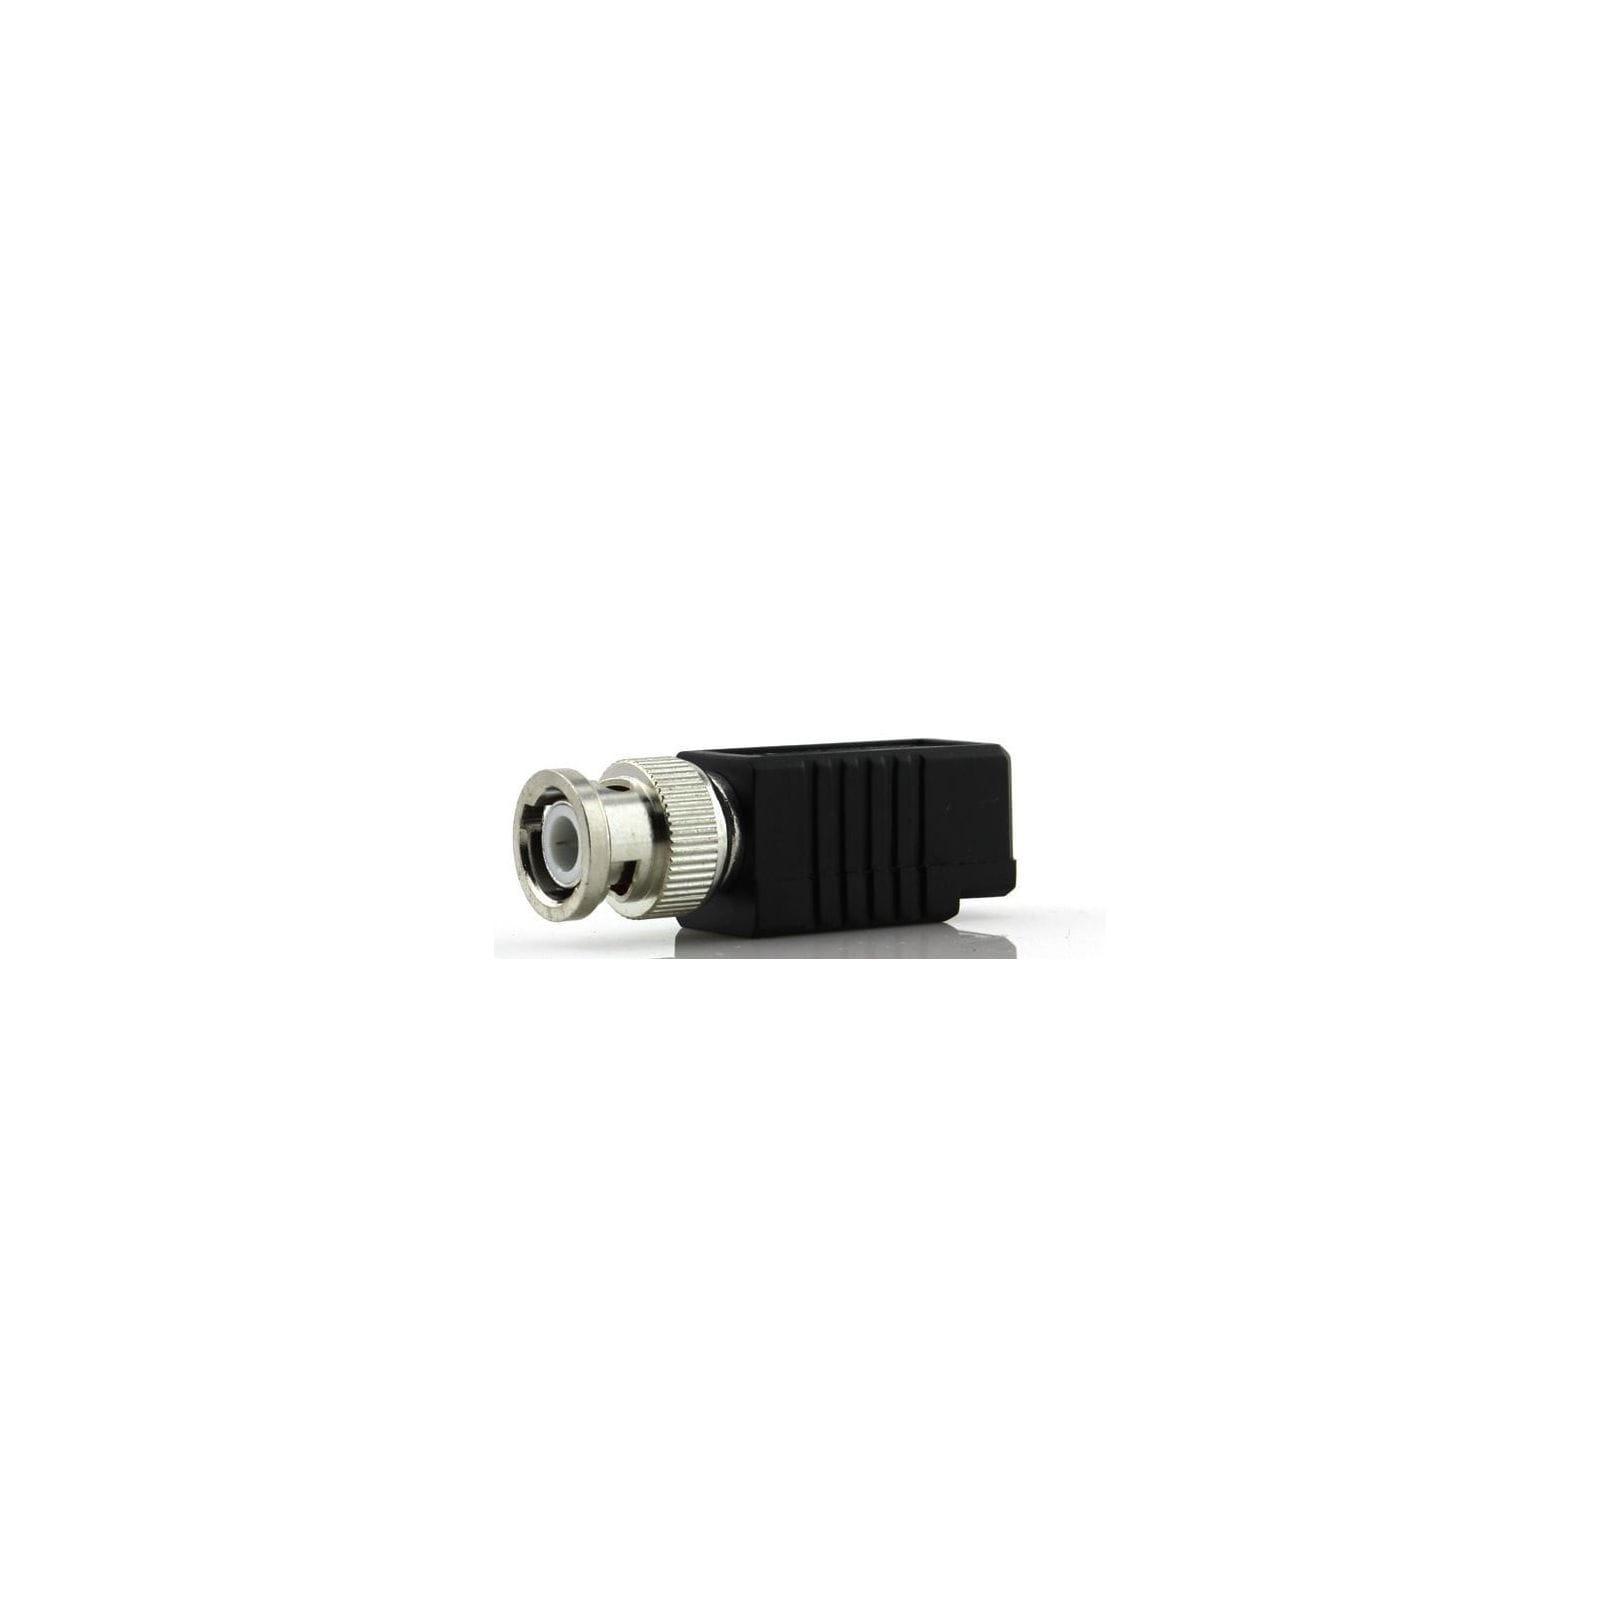 Transmetteur vidéo passive balun vidéo CCTV